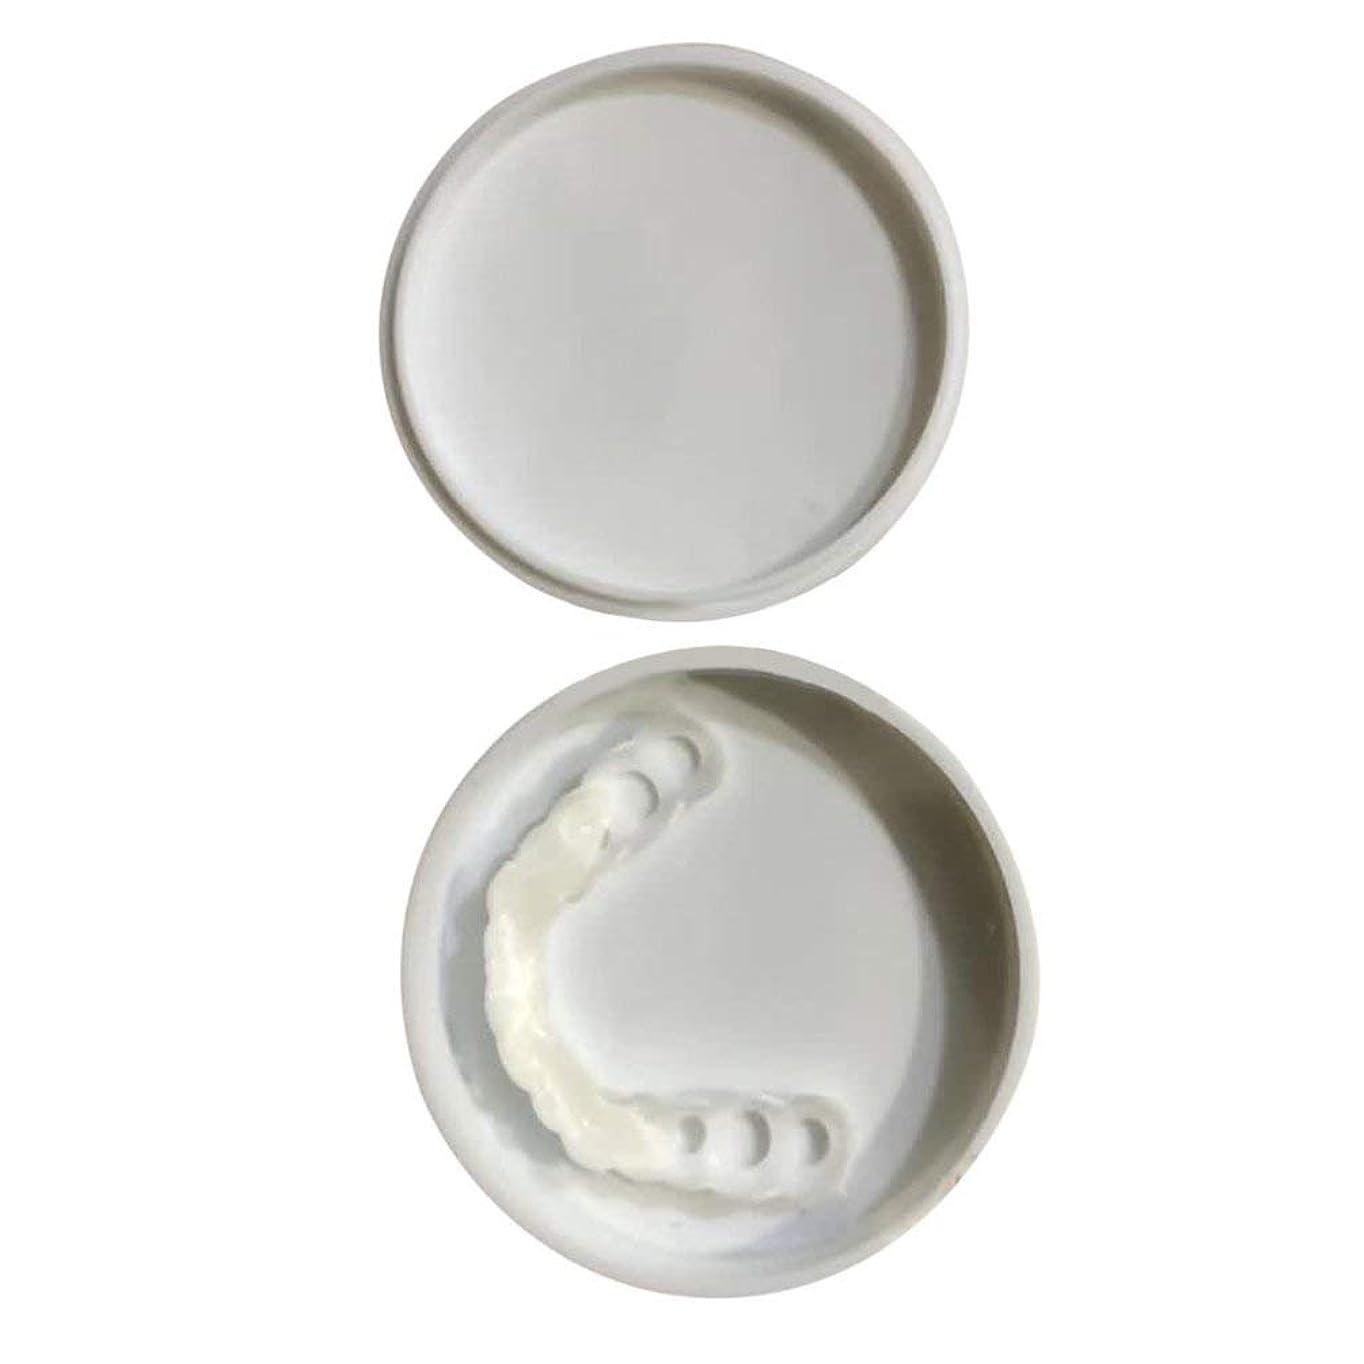 複製思い出させるタクト快適なスナップオン男性女性歯インスタントパーフェクトスマイルコンフォートフィットフレックス歯フィットホワイトニング笑顔偽歯カバー - ホワイト